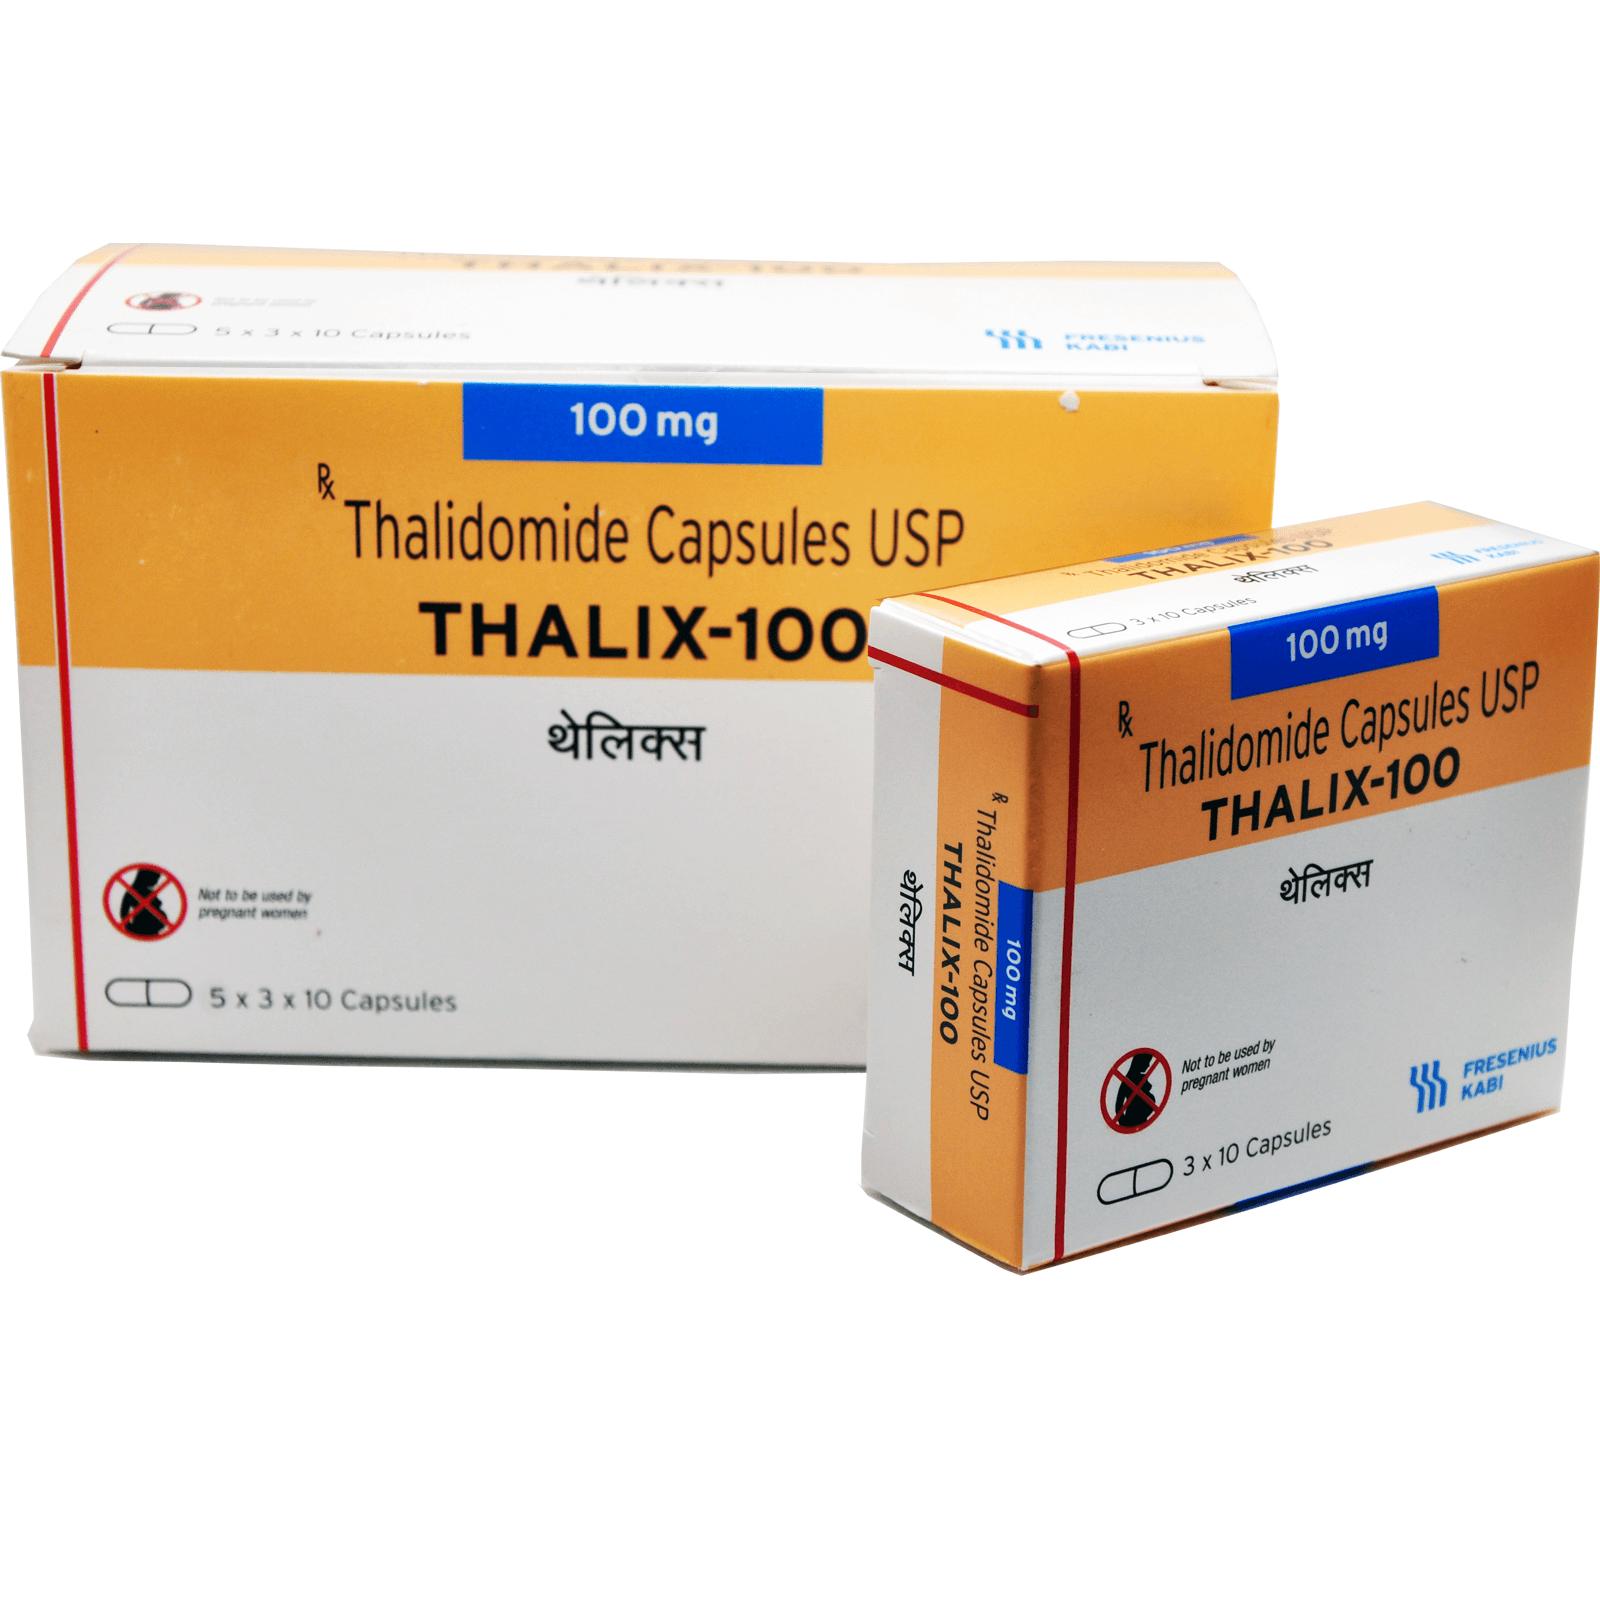 Таликс-100 (Thalix-100)